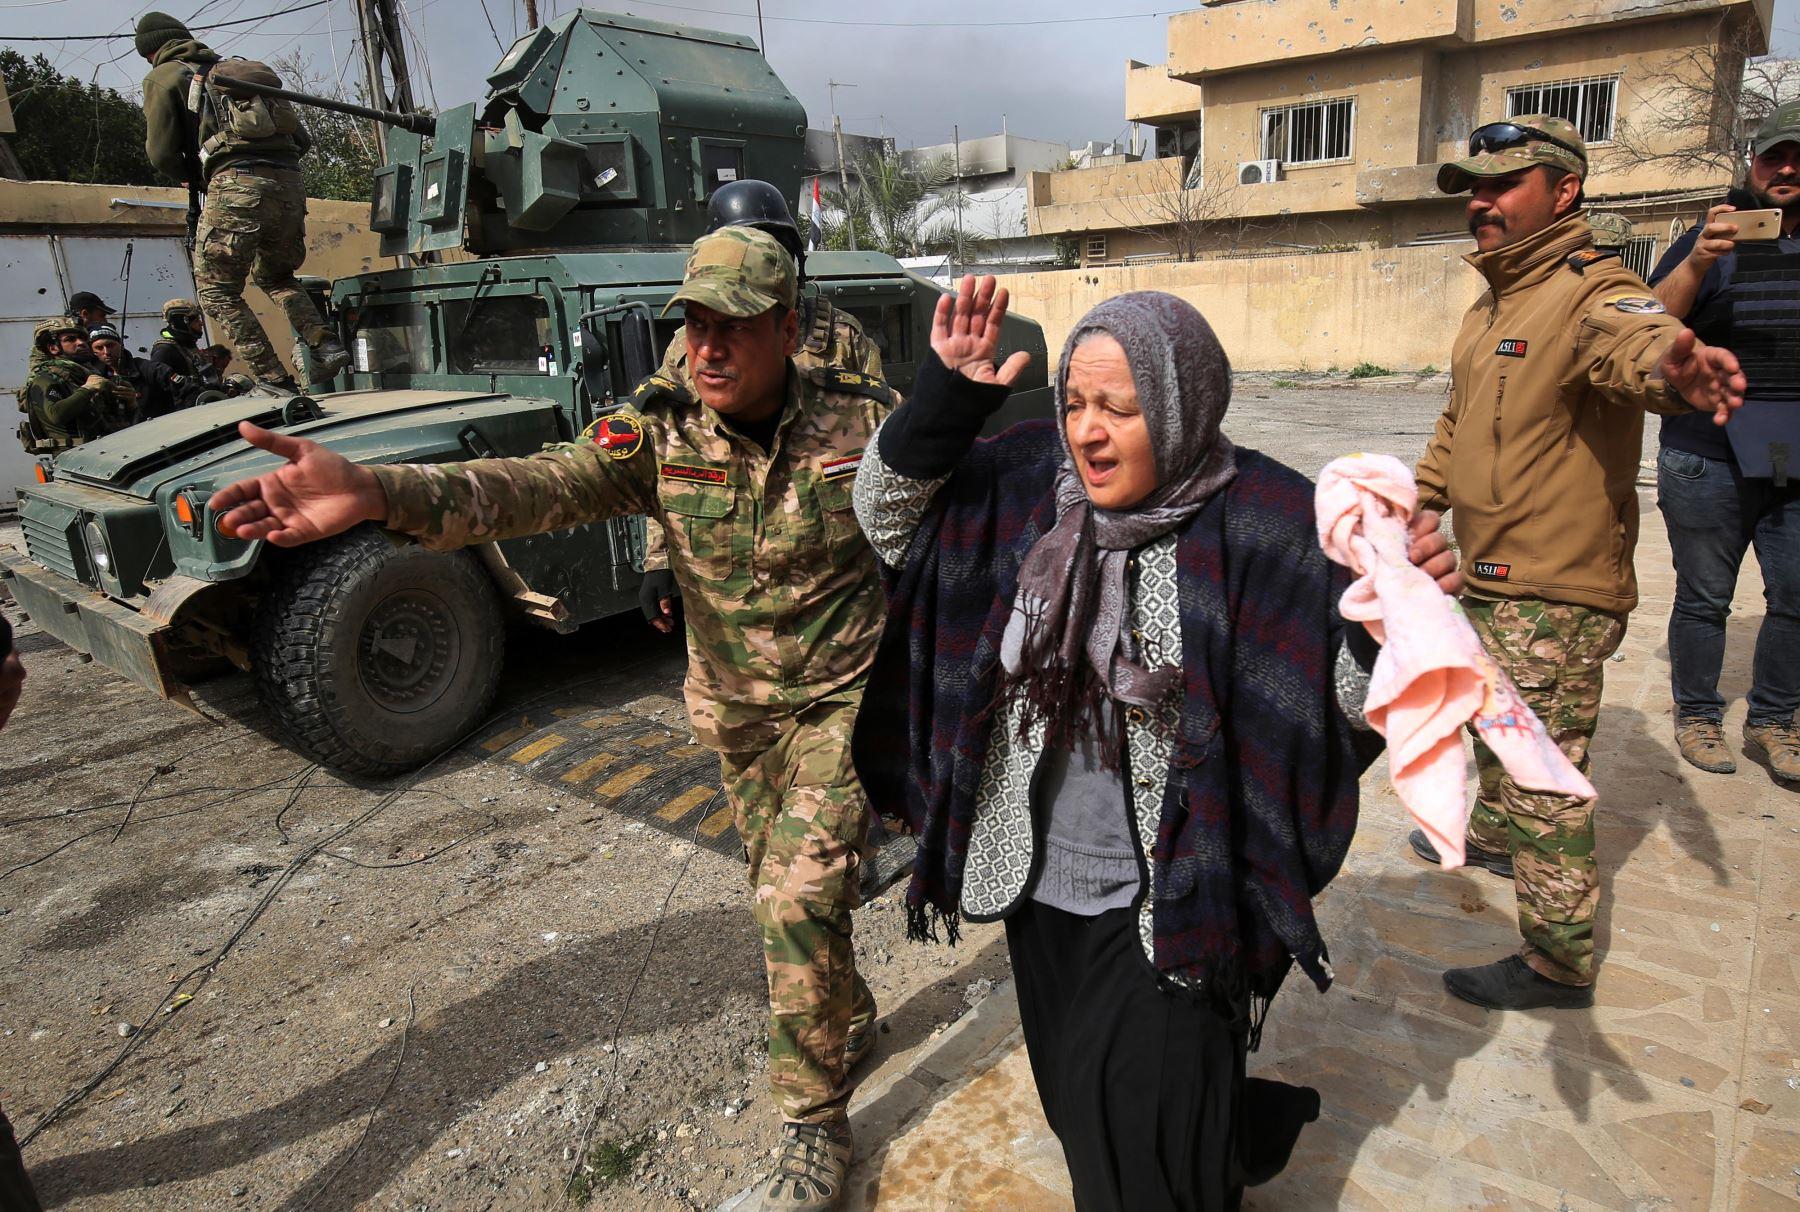 Familias iraquíes huyen del vecindario Jawasaq de Mosul. Foto: AFP